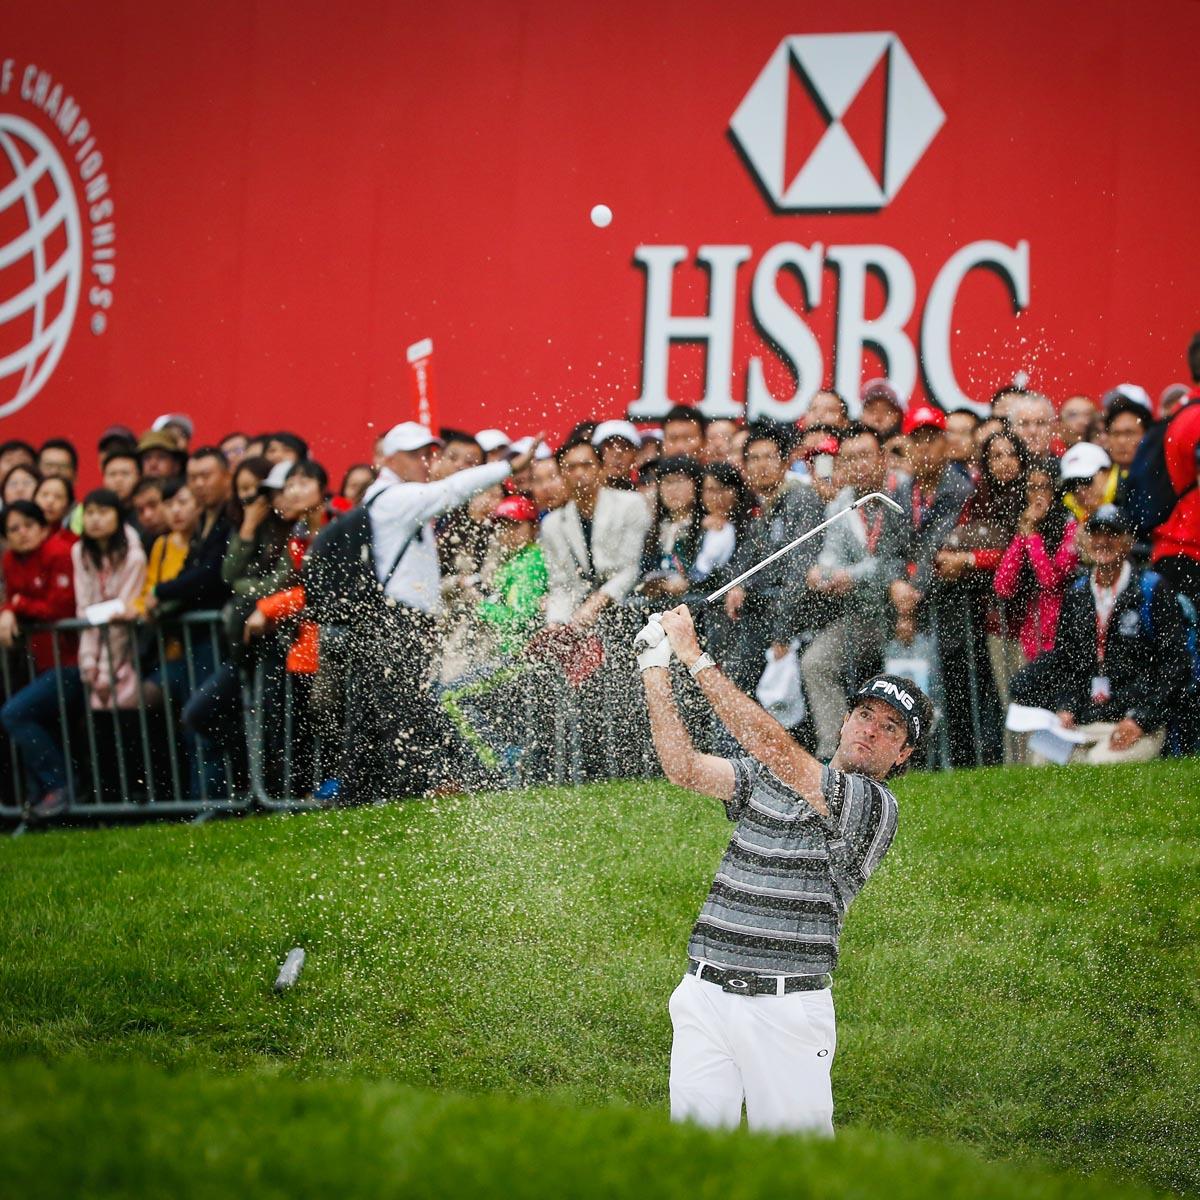 La Cote des Montres : Photo - Richard Mille : Victoire de Bubba Watson à Shanghai